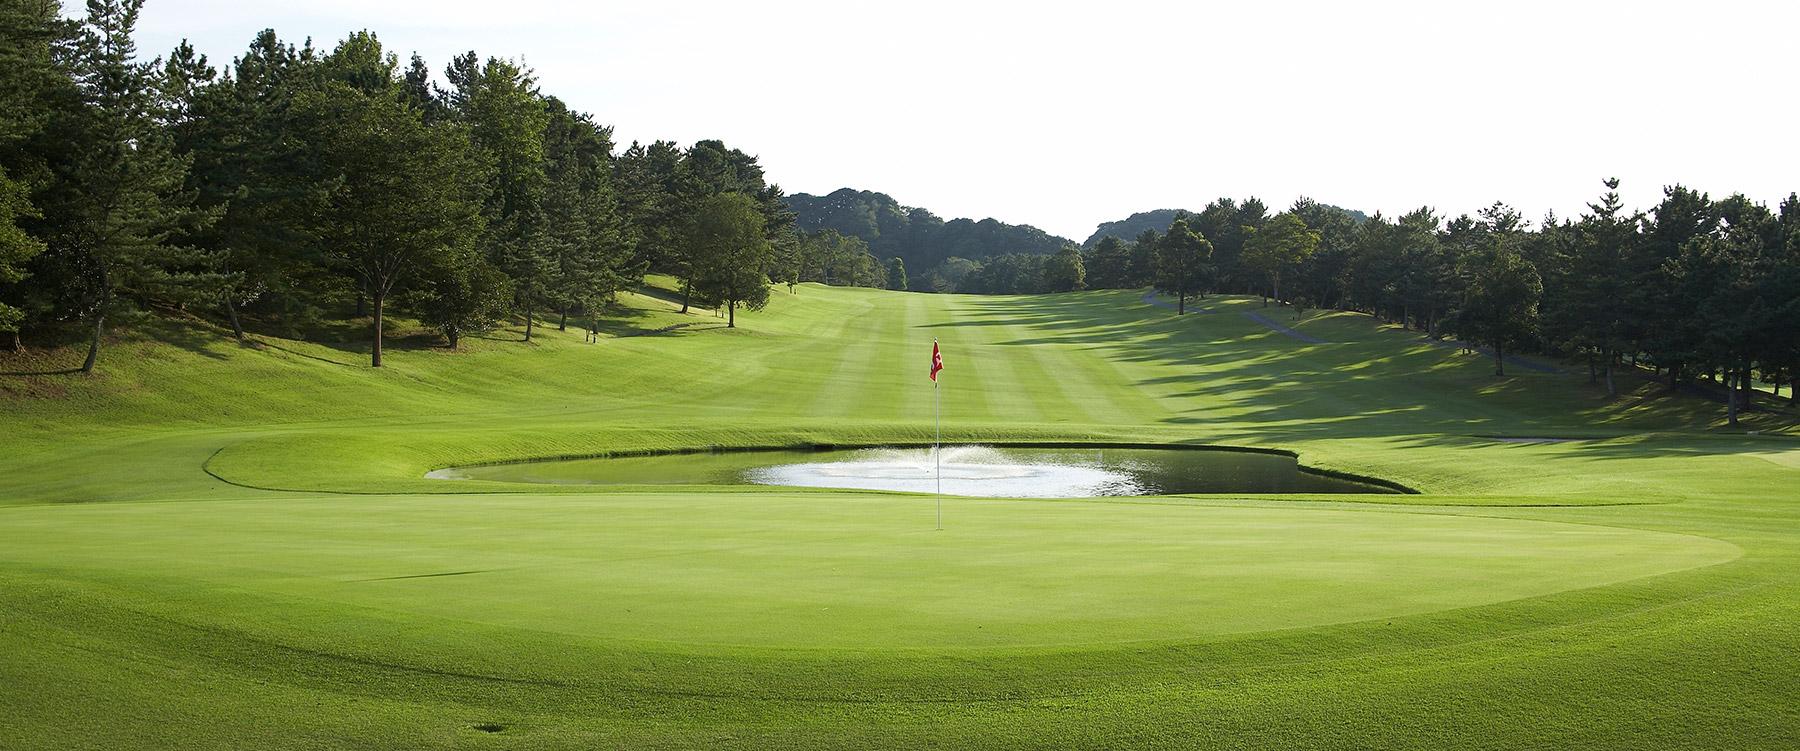 いすみ コース abc 天気 ゴルフ